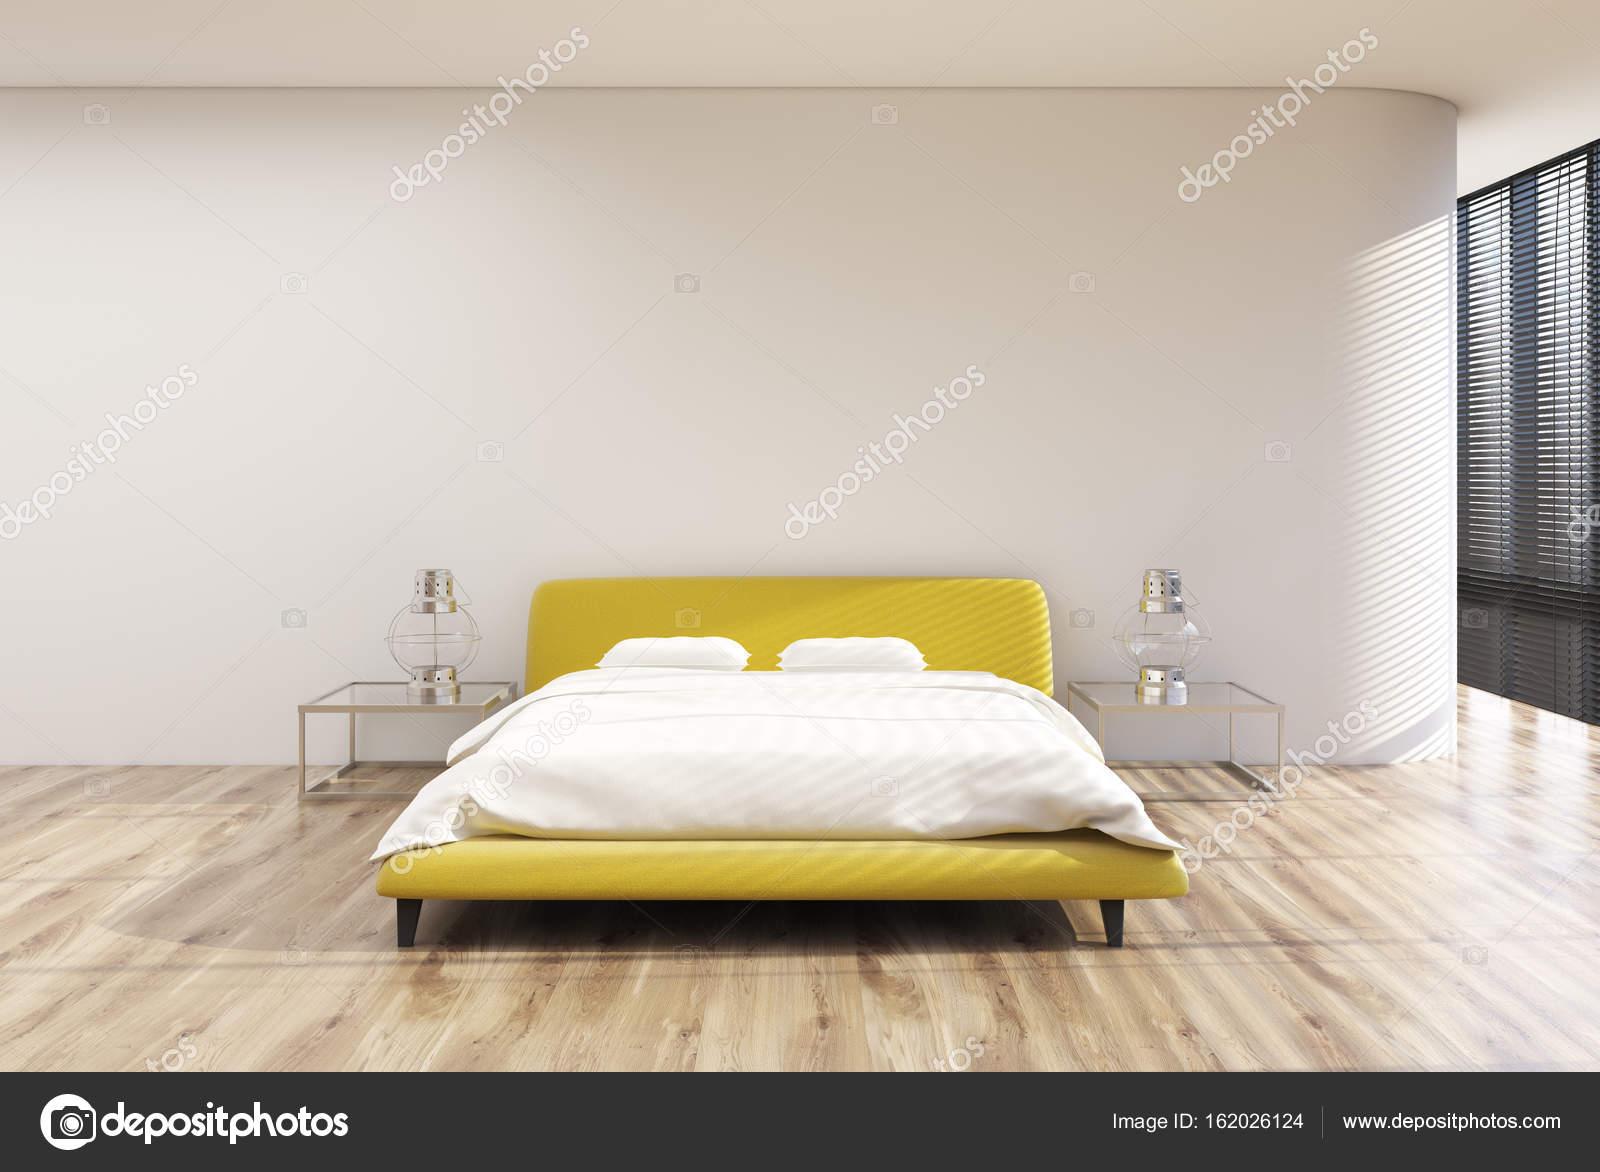 Loft slaapkamer interieur, tinten, geel bed — Stockfoto ...